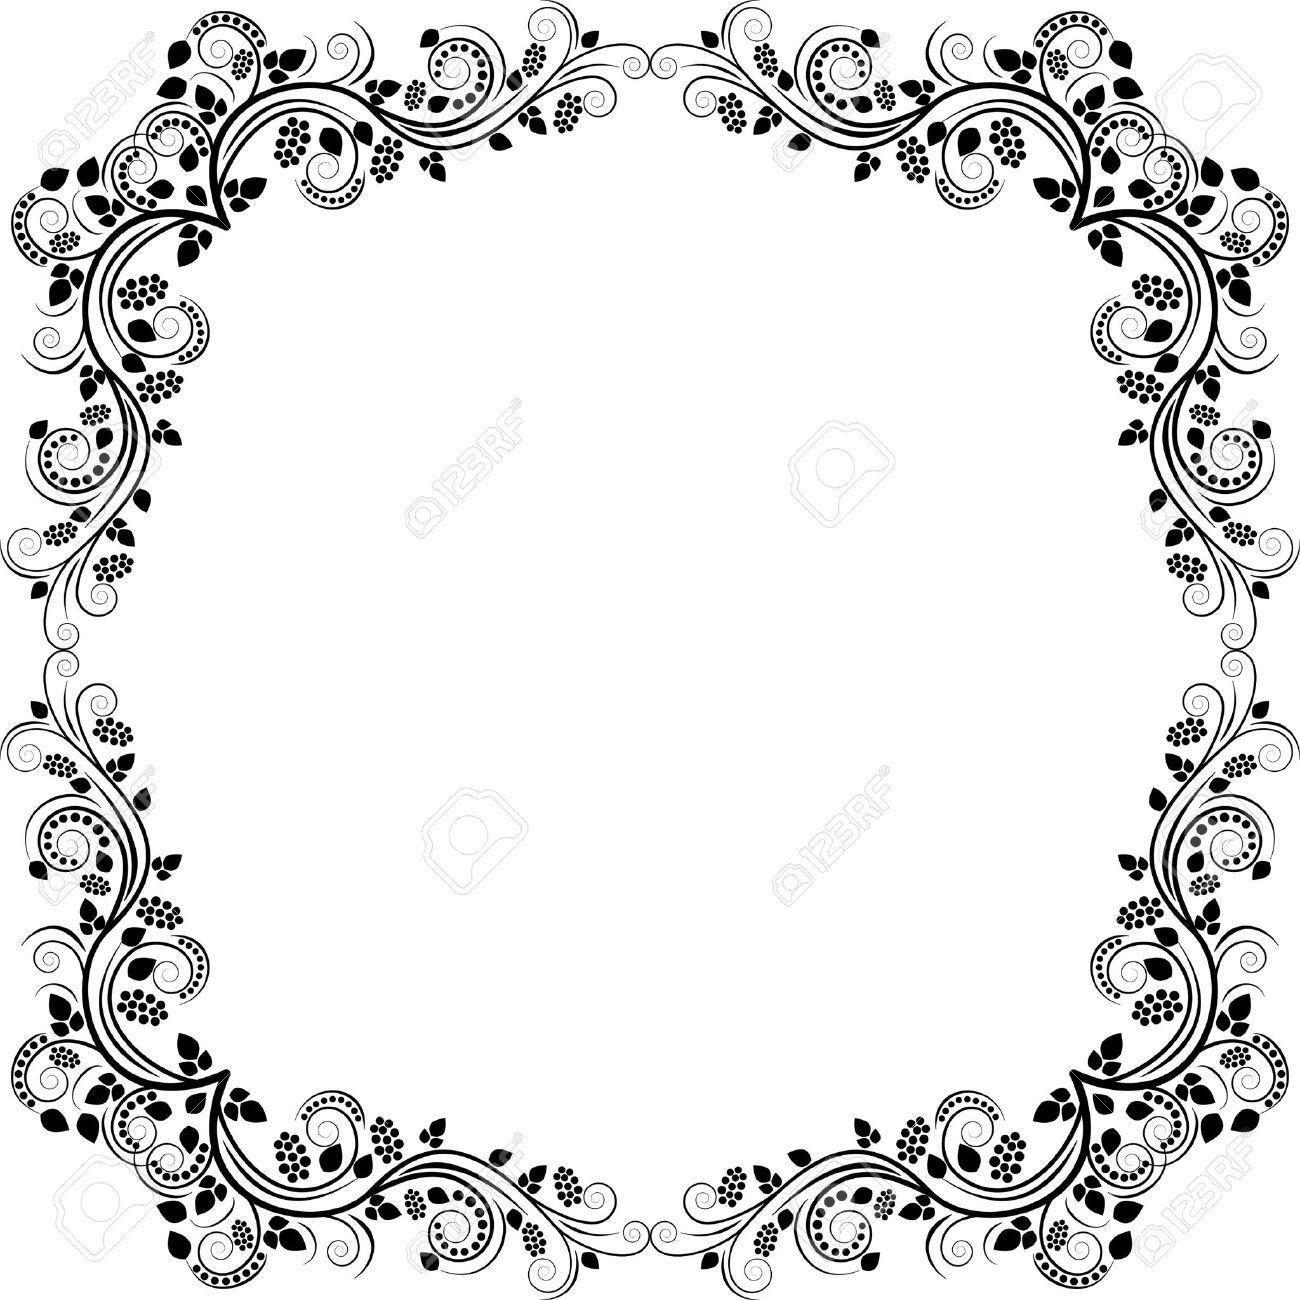 frame%20clipart